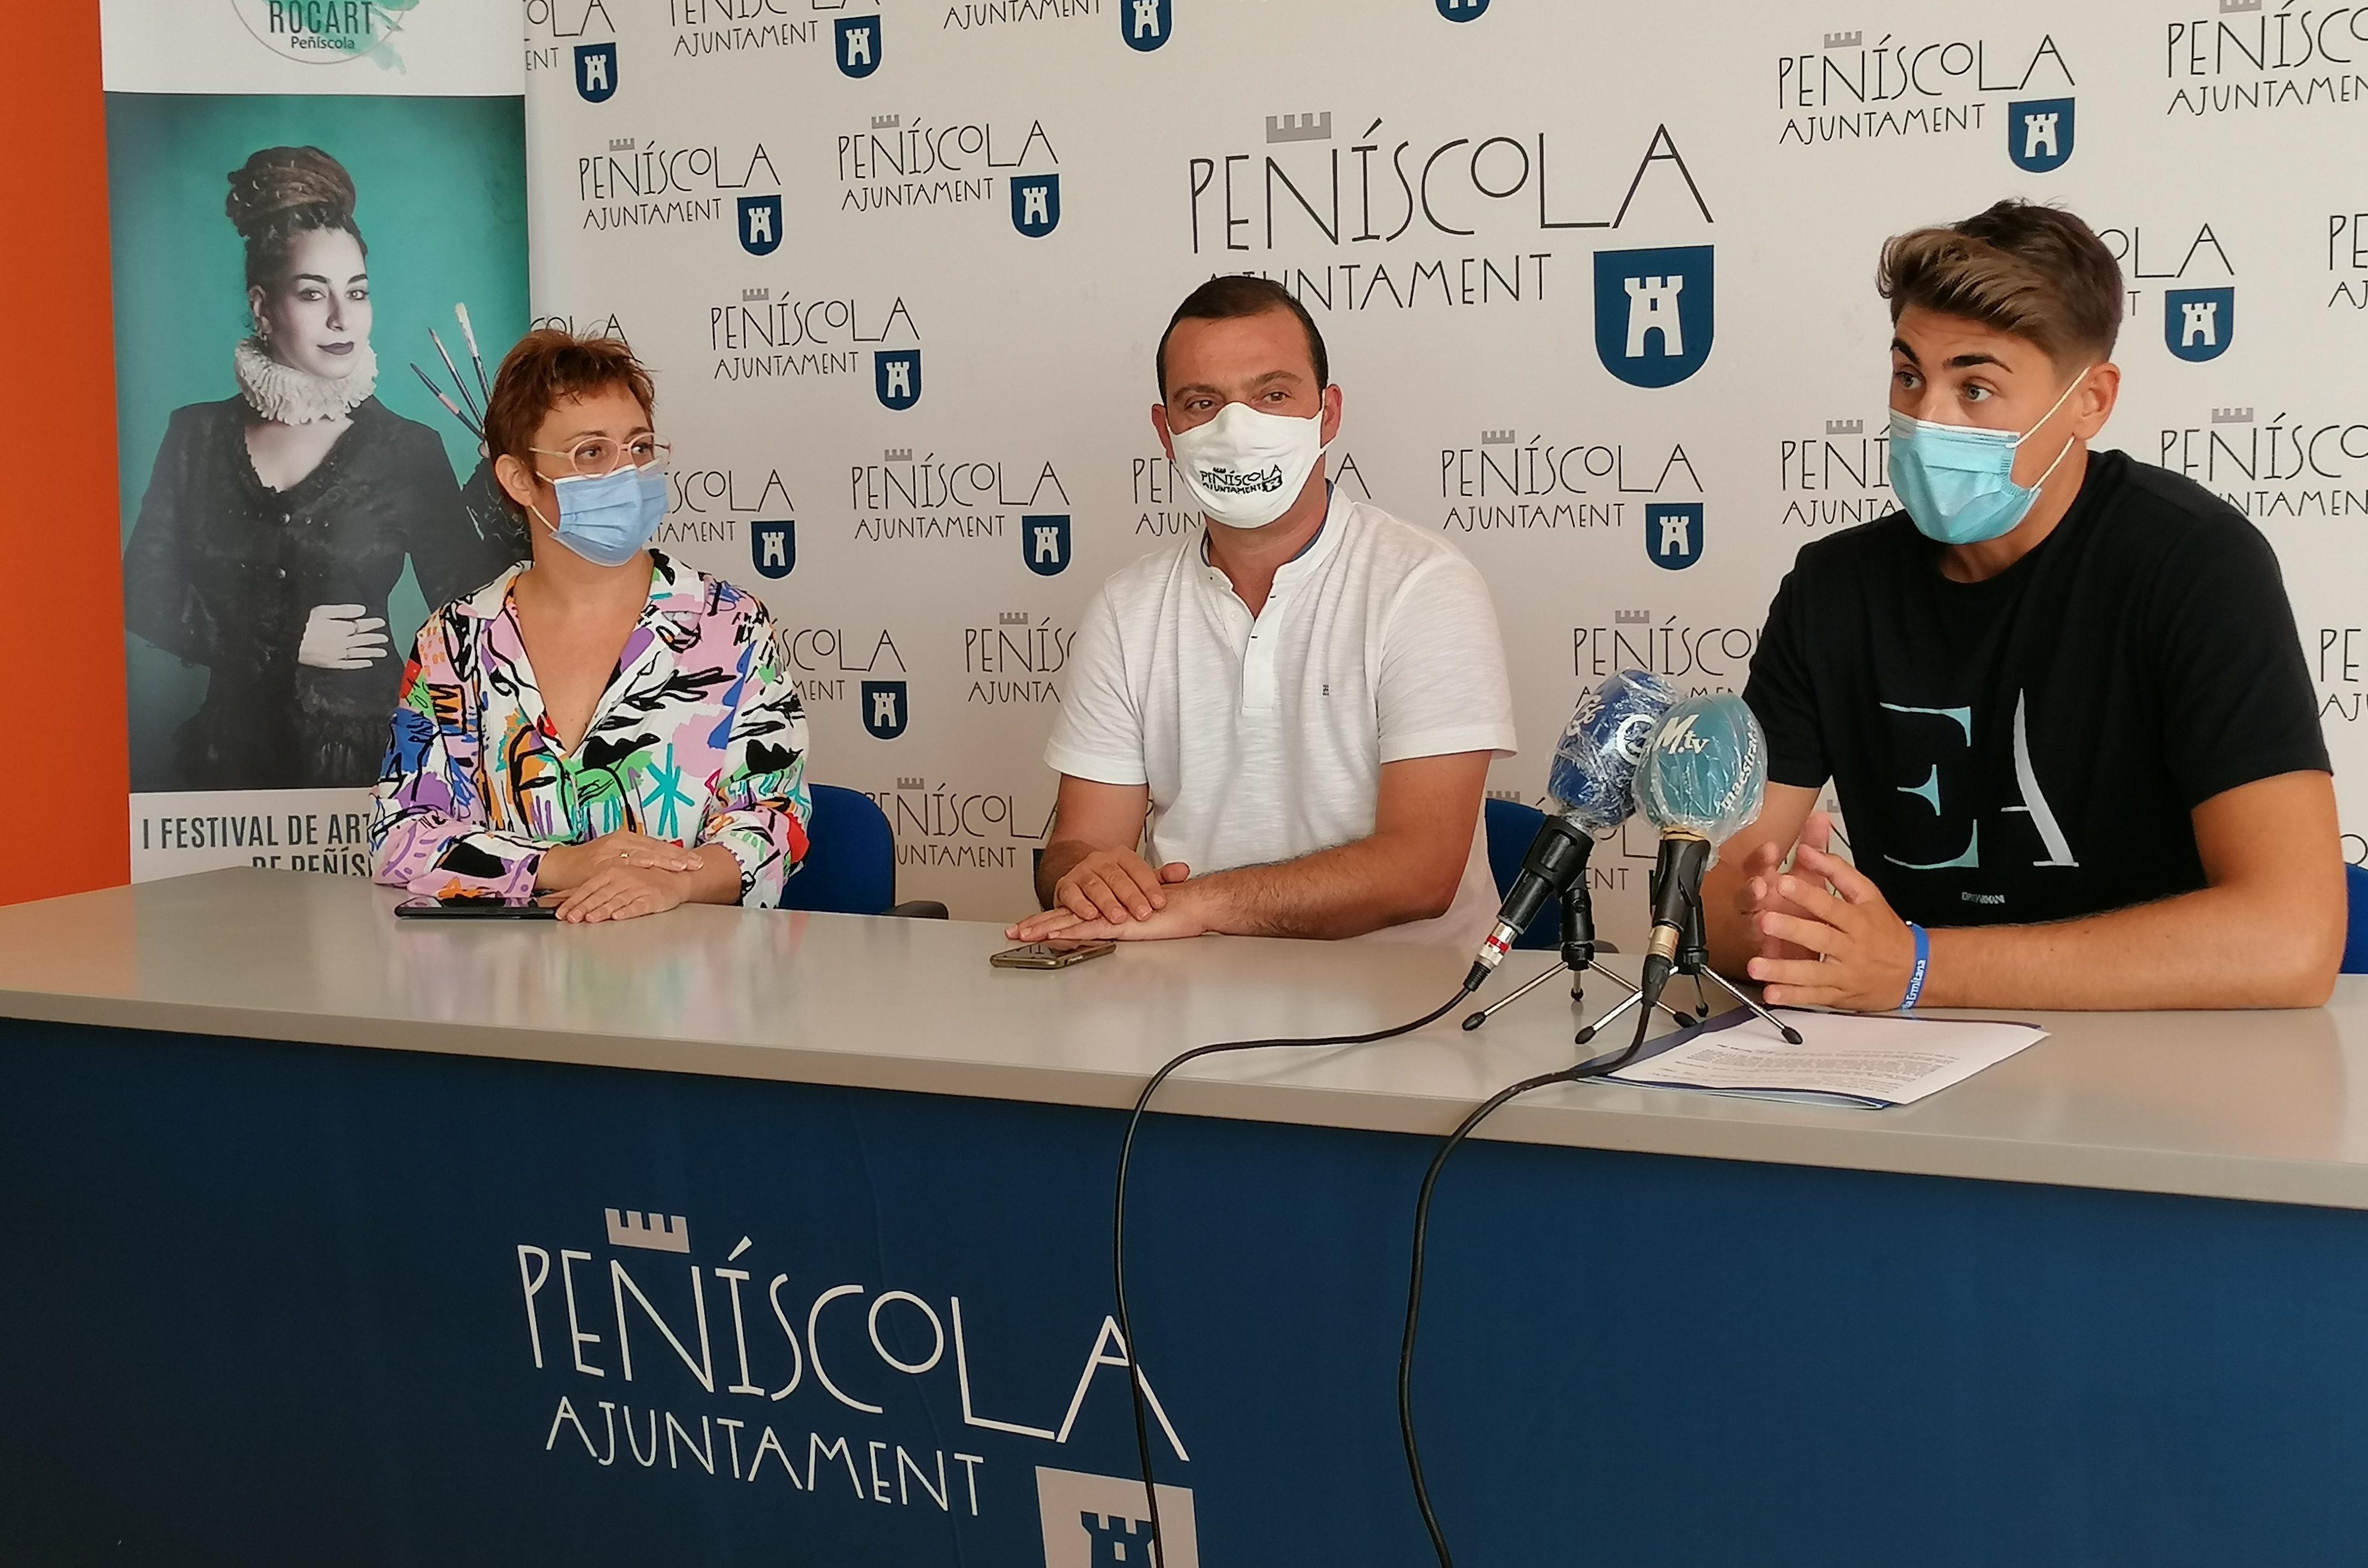 Peníscola es convertirà en un museu efímer amb el I Festival d'Art i CulturaRocartde setembre